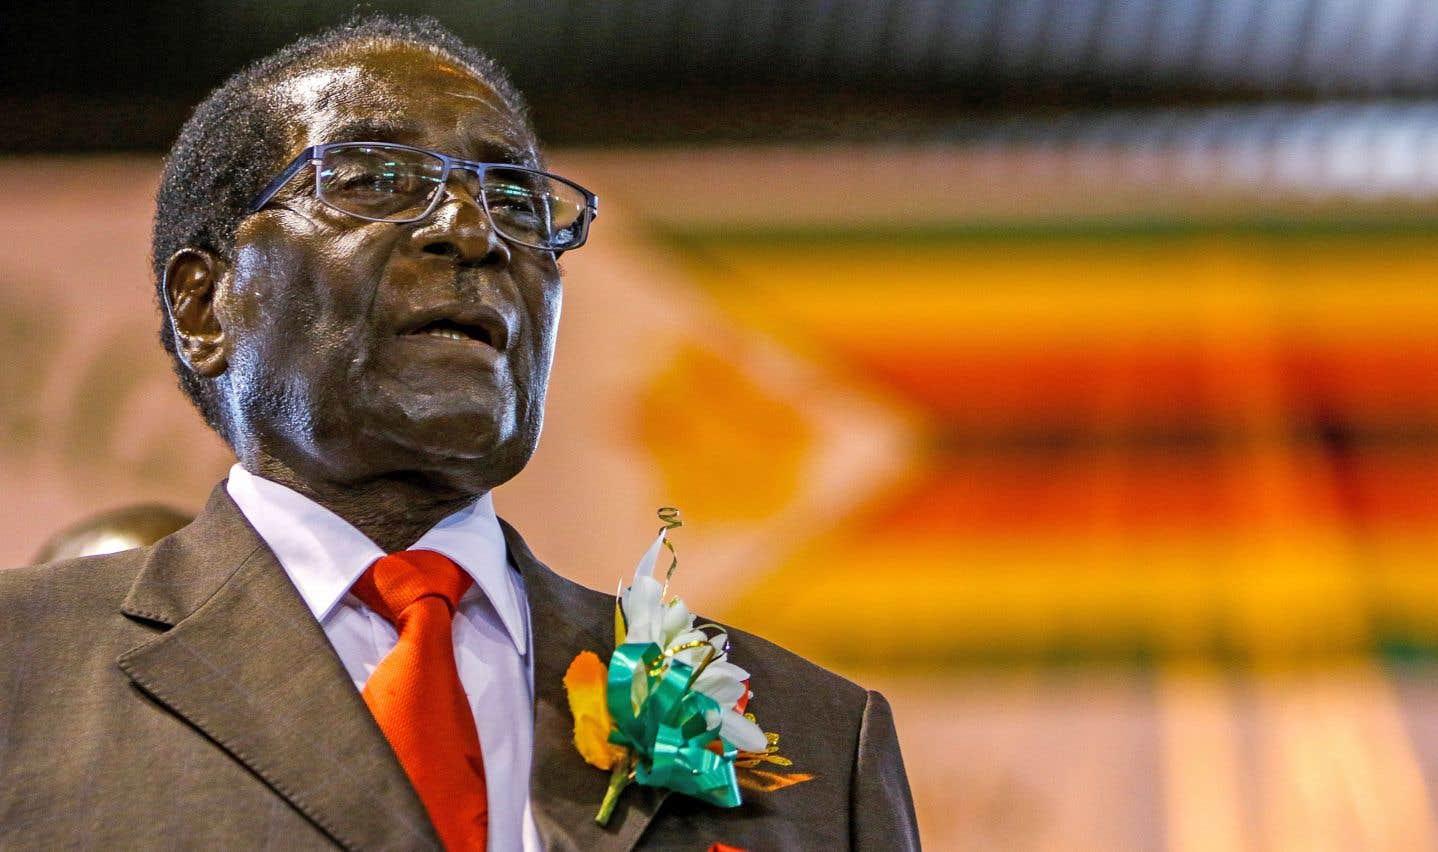 Le Zimbabwe tout entier s'attendait dimanche soir à ce que Robert Mugabe remette sa démission, quelques jours après le coup de force de l'armée.